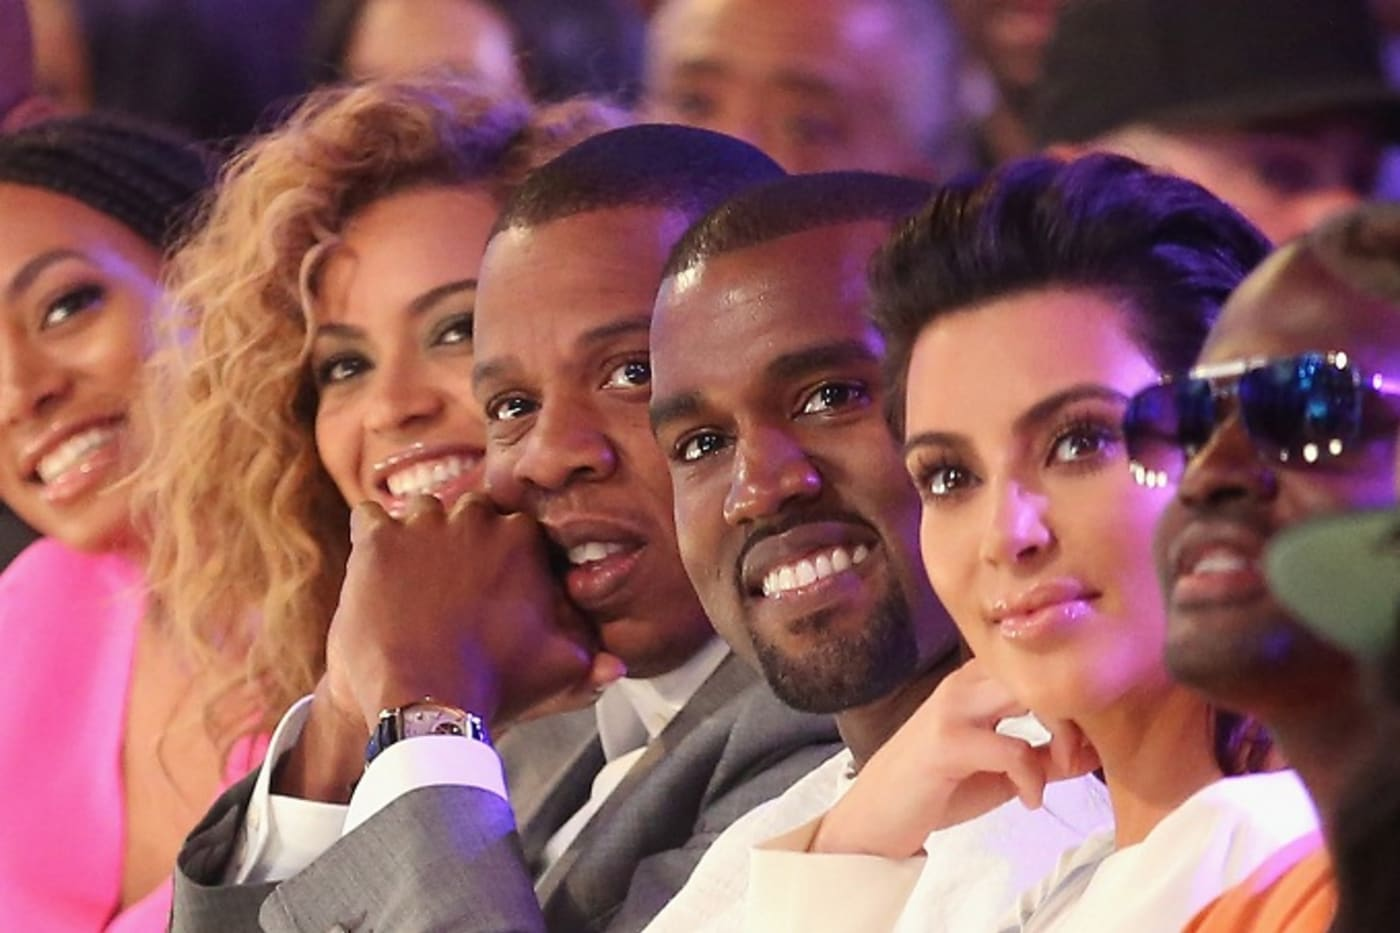 Beyoncé, Jay Z, Kanye West, and Kim Kardashian